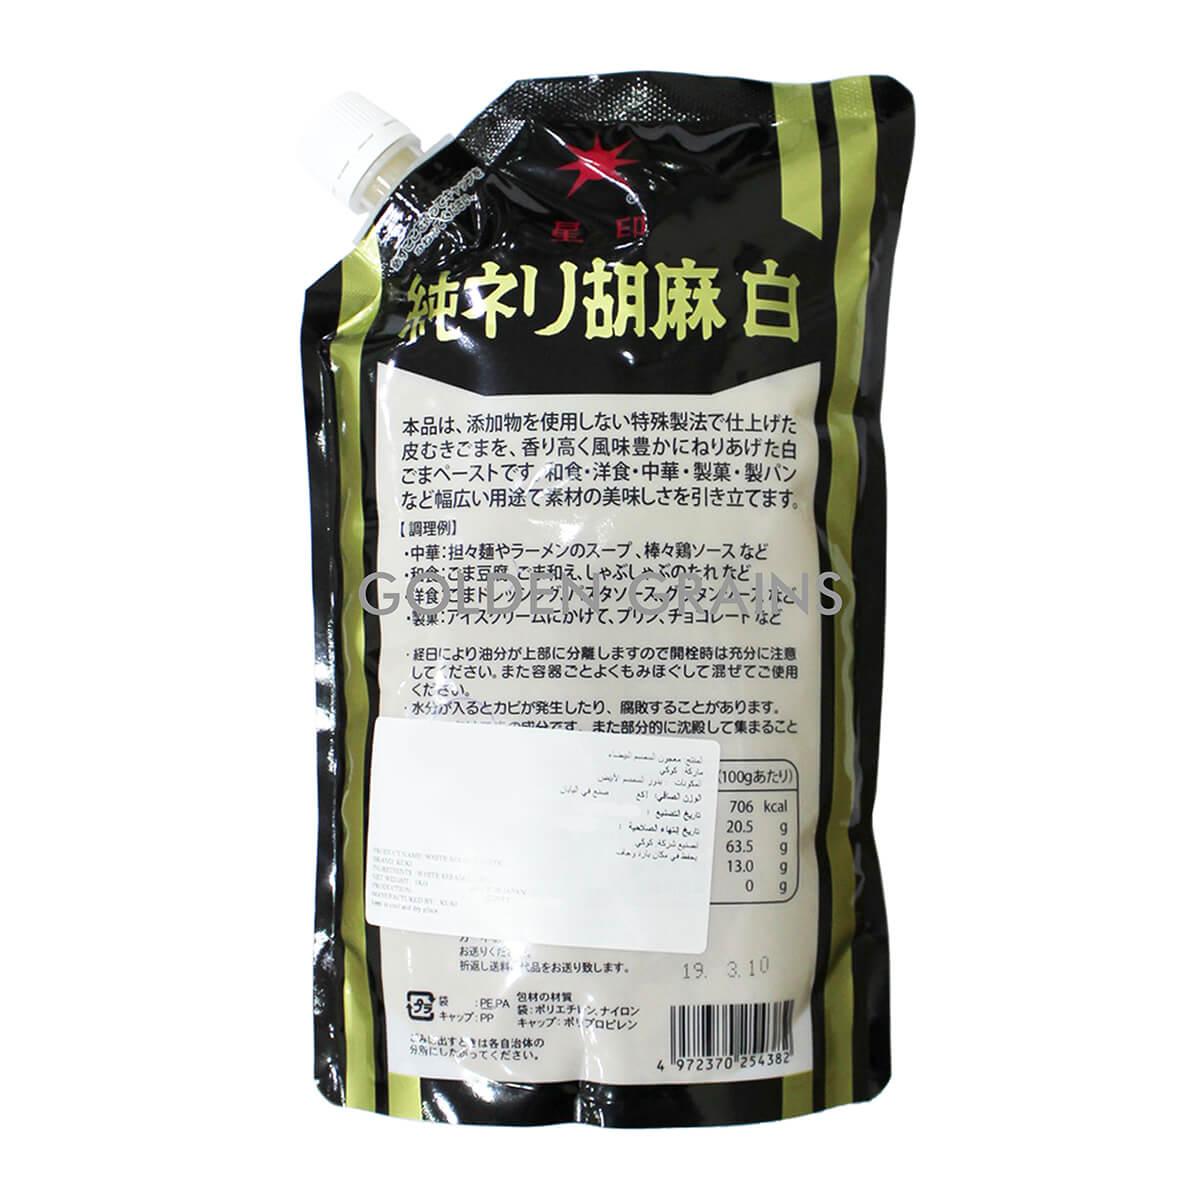 Golden Grains Kuki - White Sesame Paste - Back.jpg